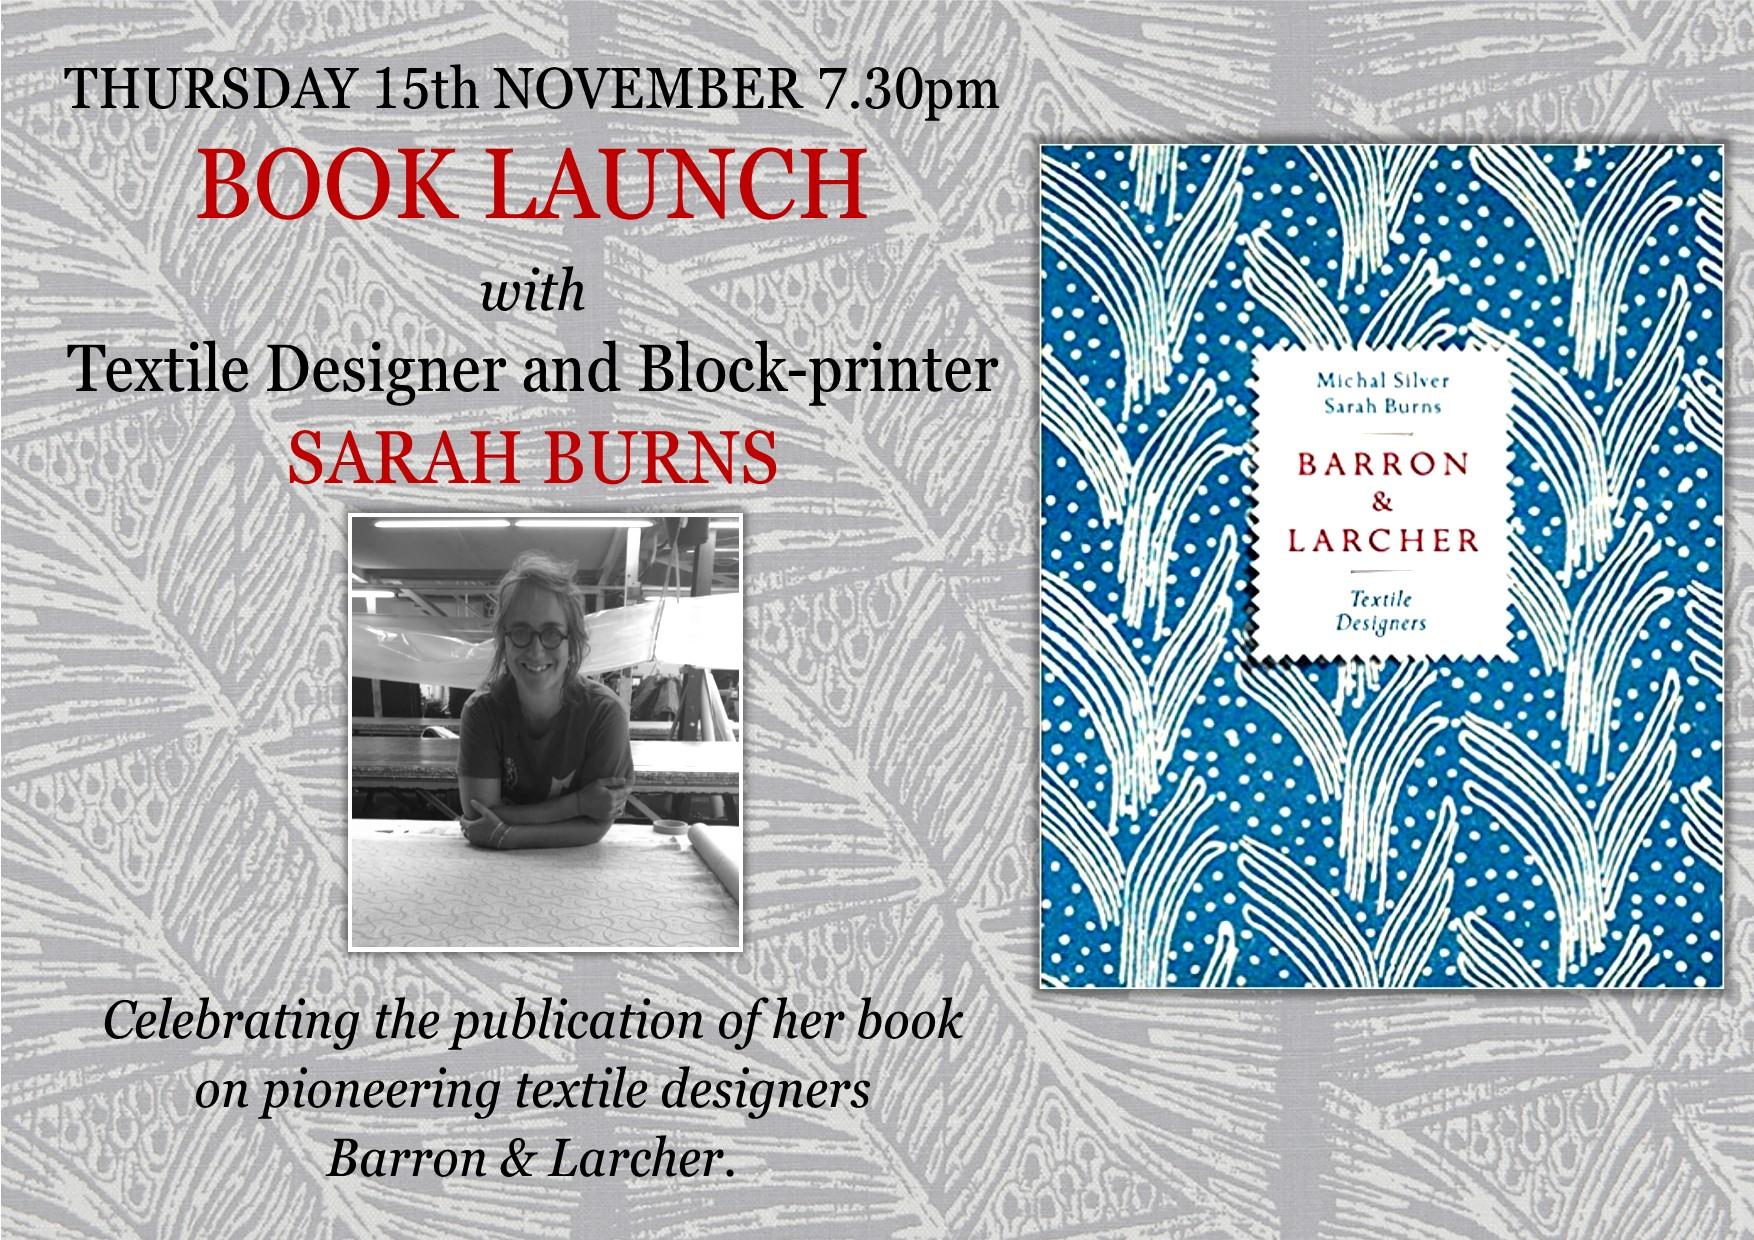 Barron & Larcher Book Launch